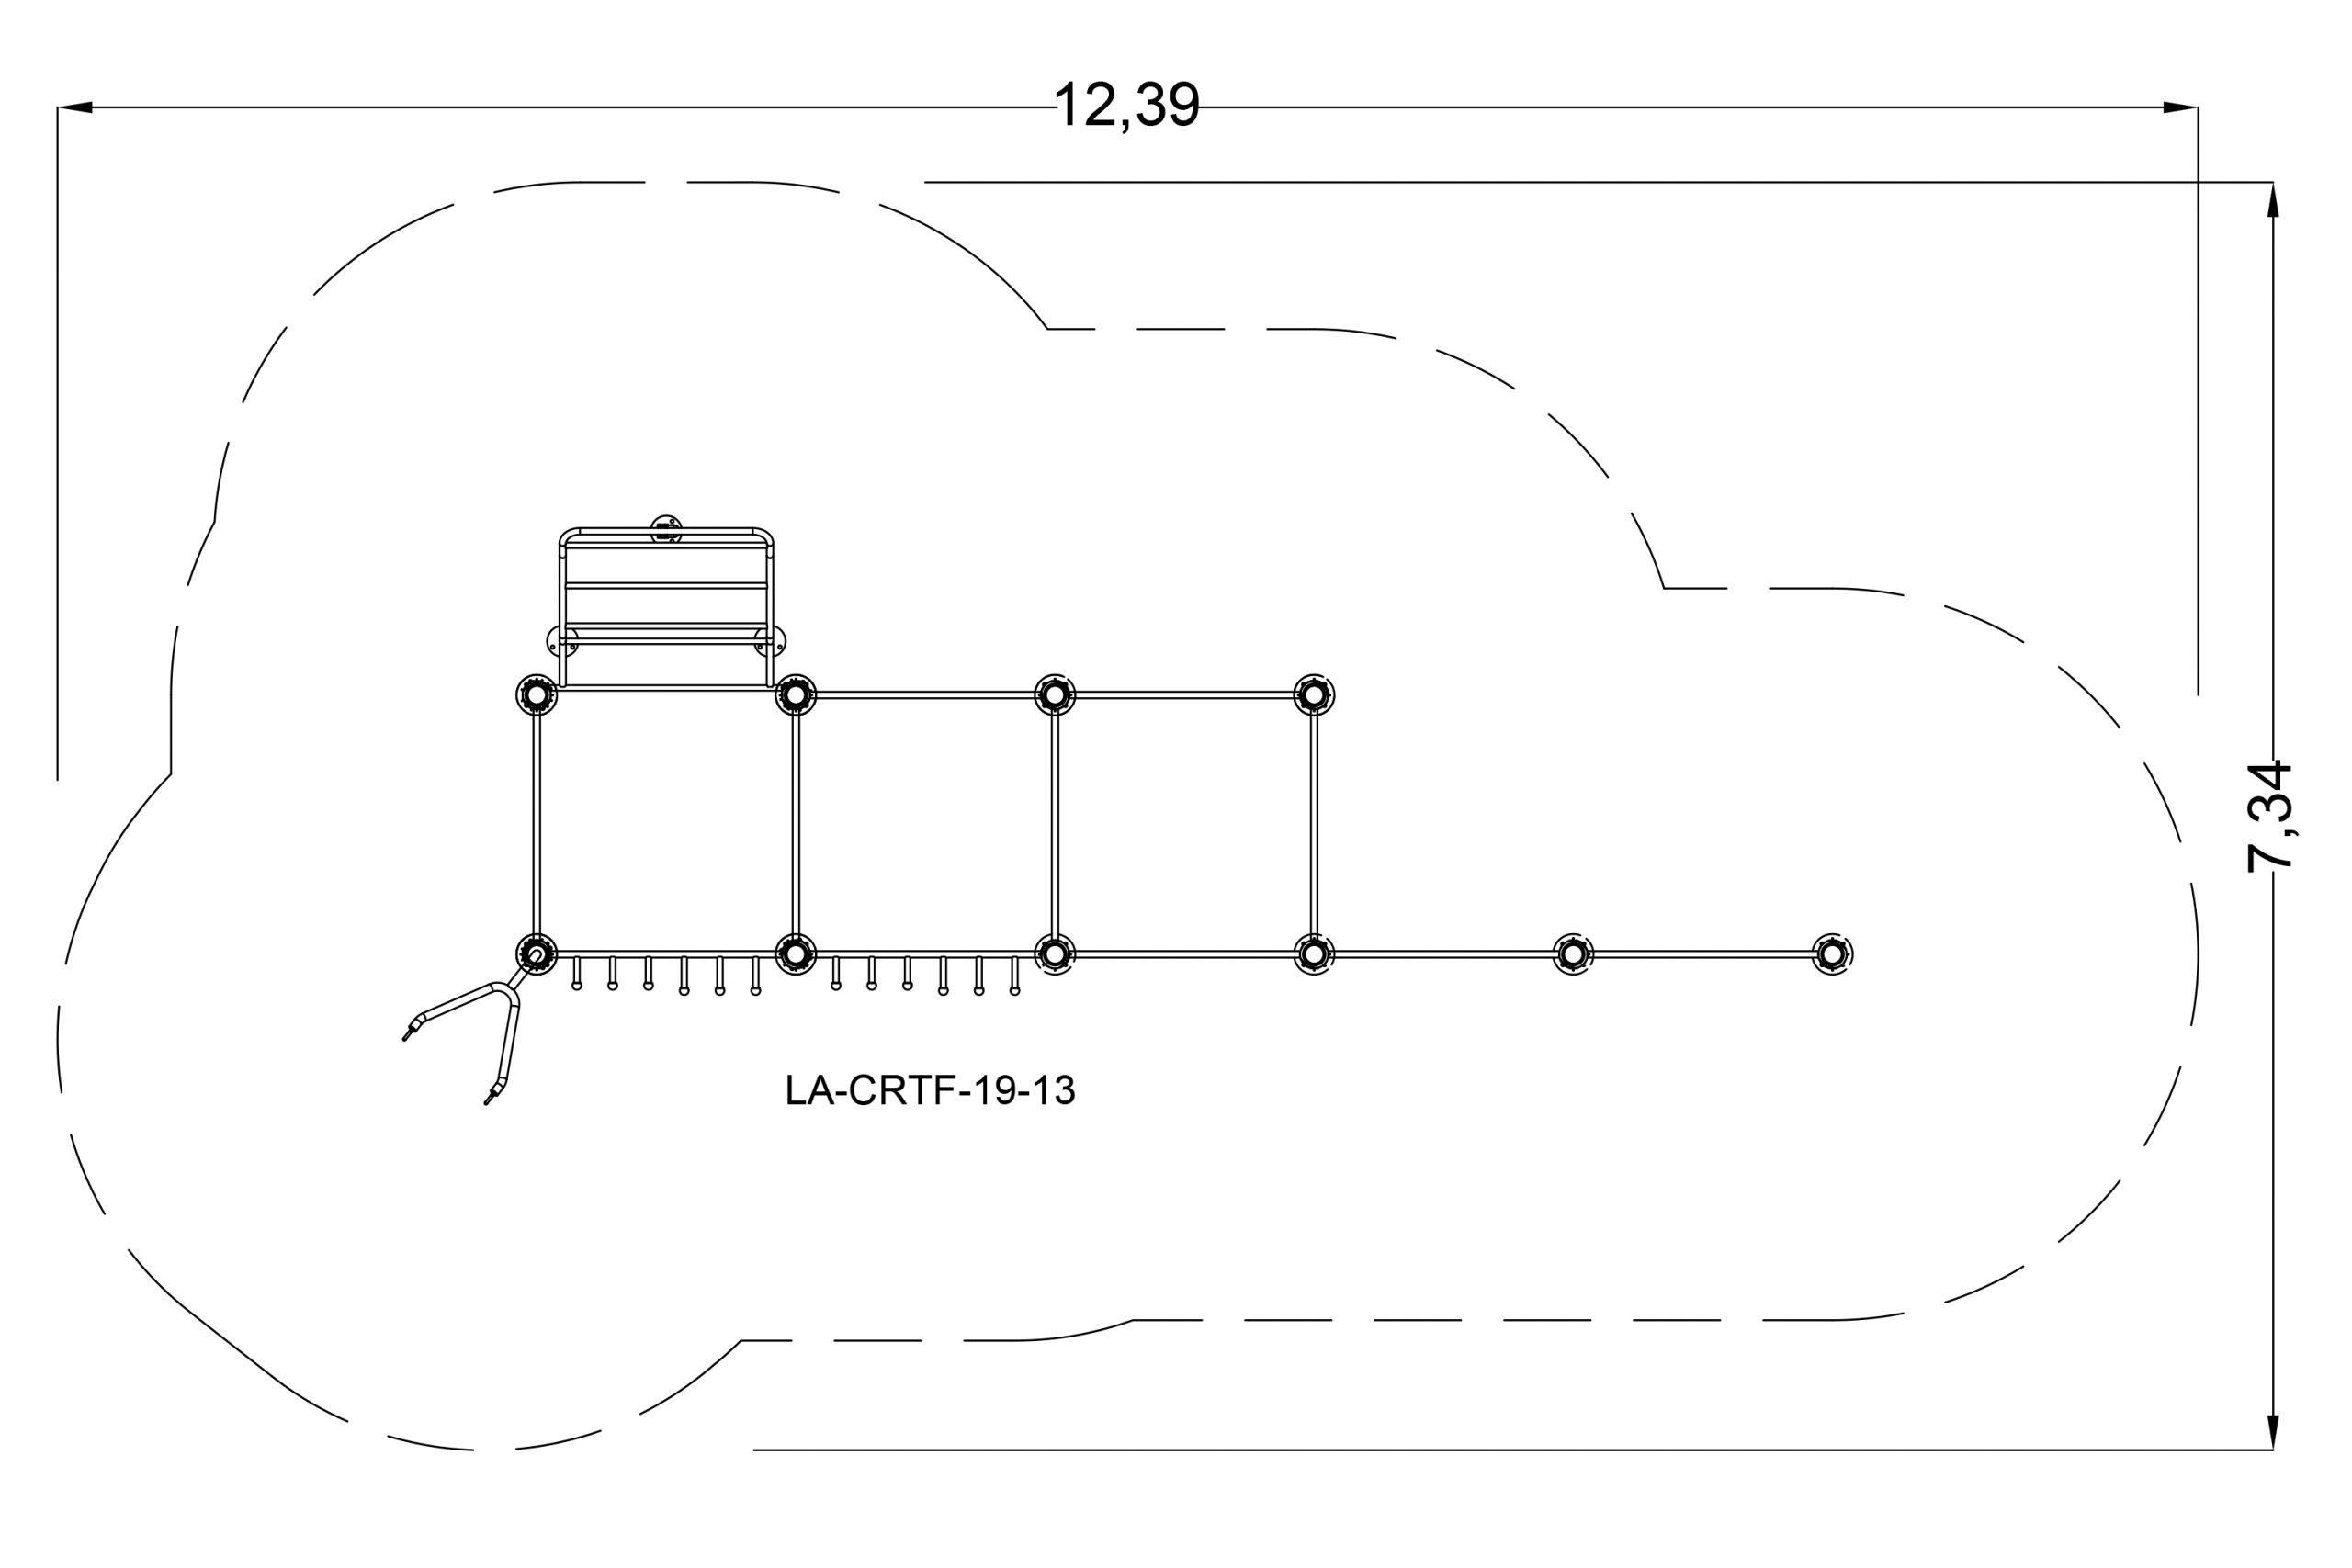 מתקן פונקציונאלי סוג 8 - מרווח בטיחות